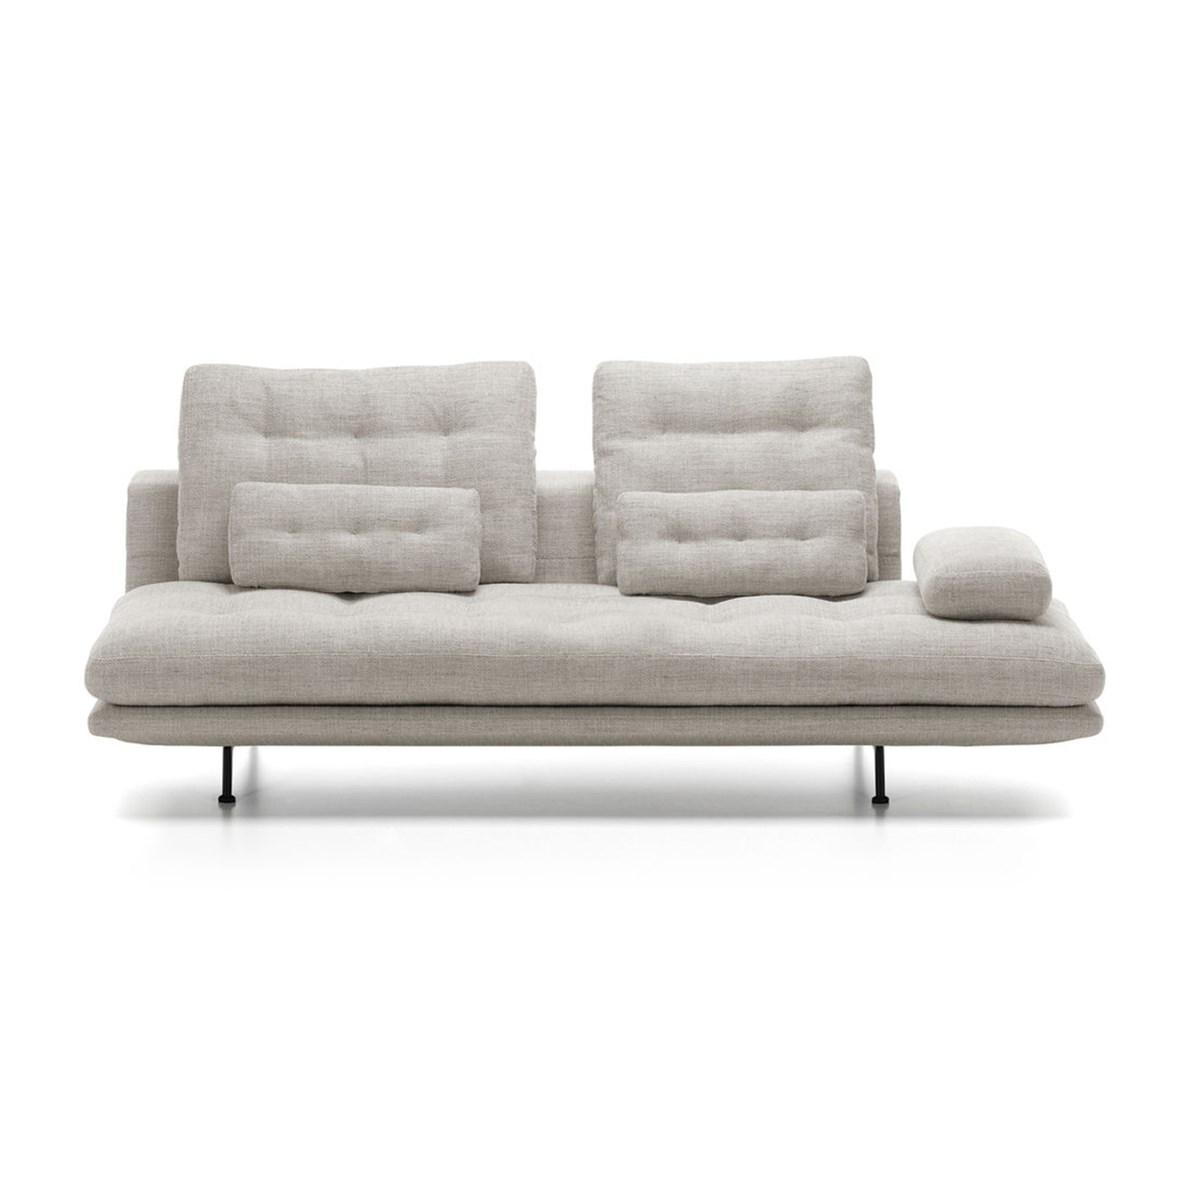 Vitra-Antonio-Citterio-Grand-Sofa-Matisse-1